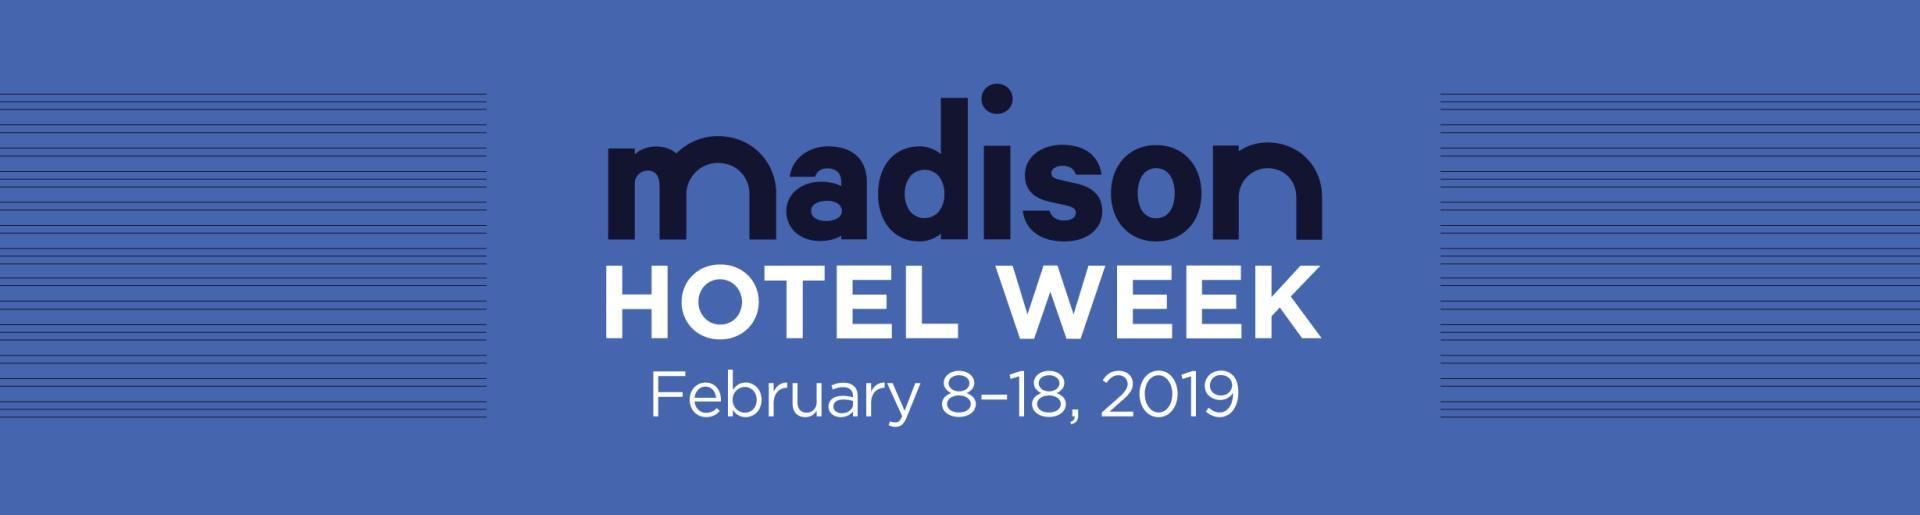 Madison Hotel Week 2019